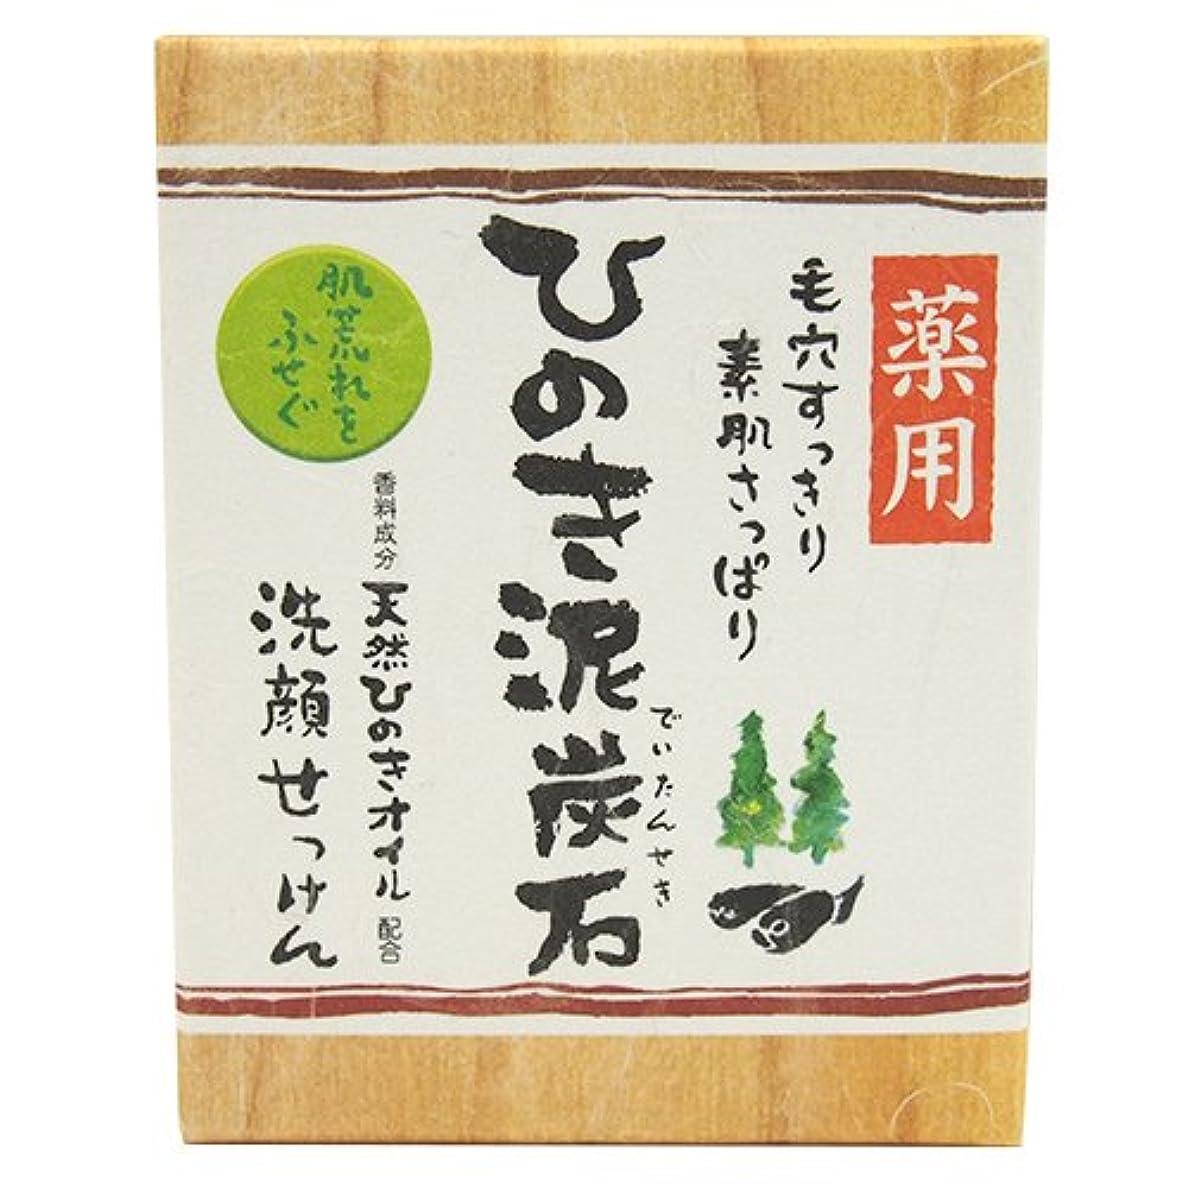 アラビア語取り壊す屈辱する東京宝 薬用ひのき泥炭石 すっきり黒タイプ 洗顔石鹸 75g